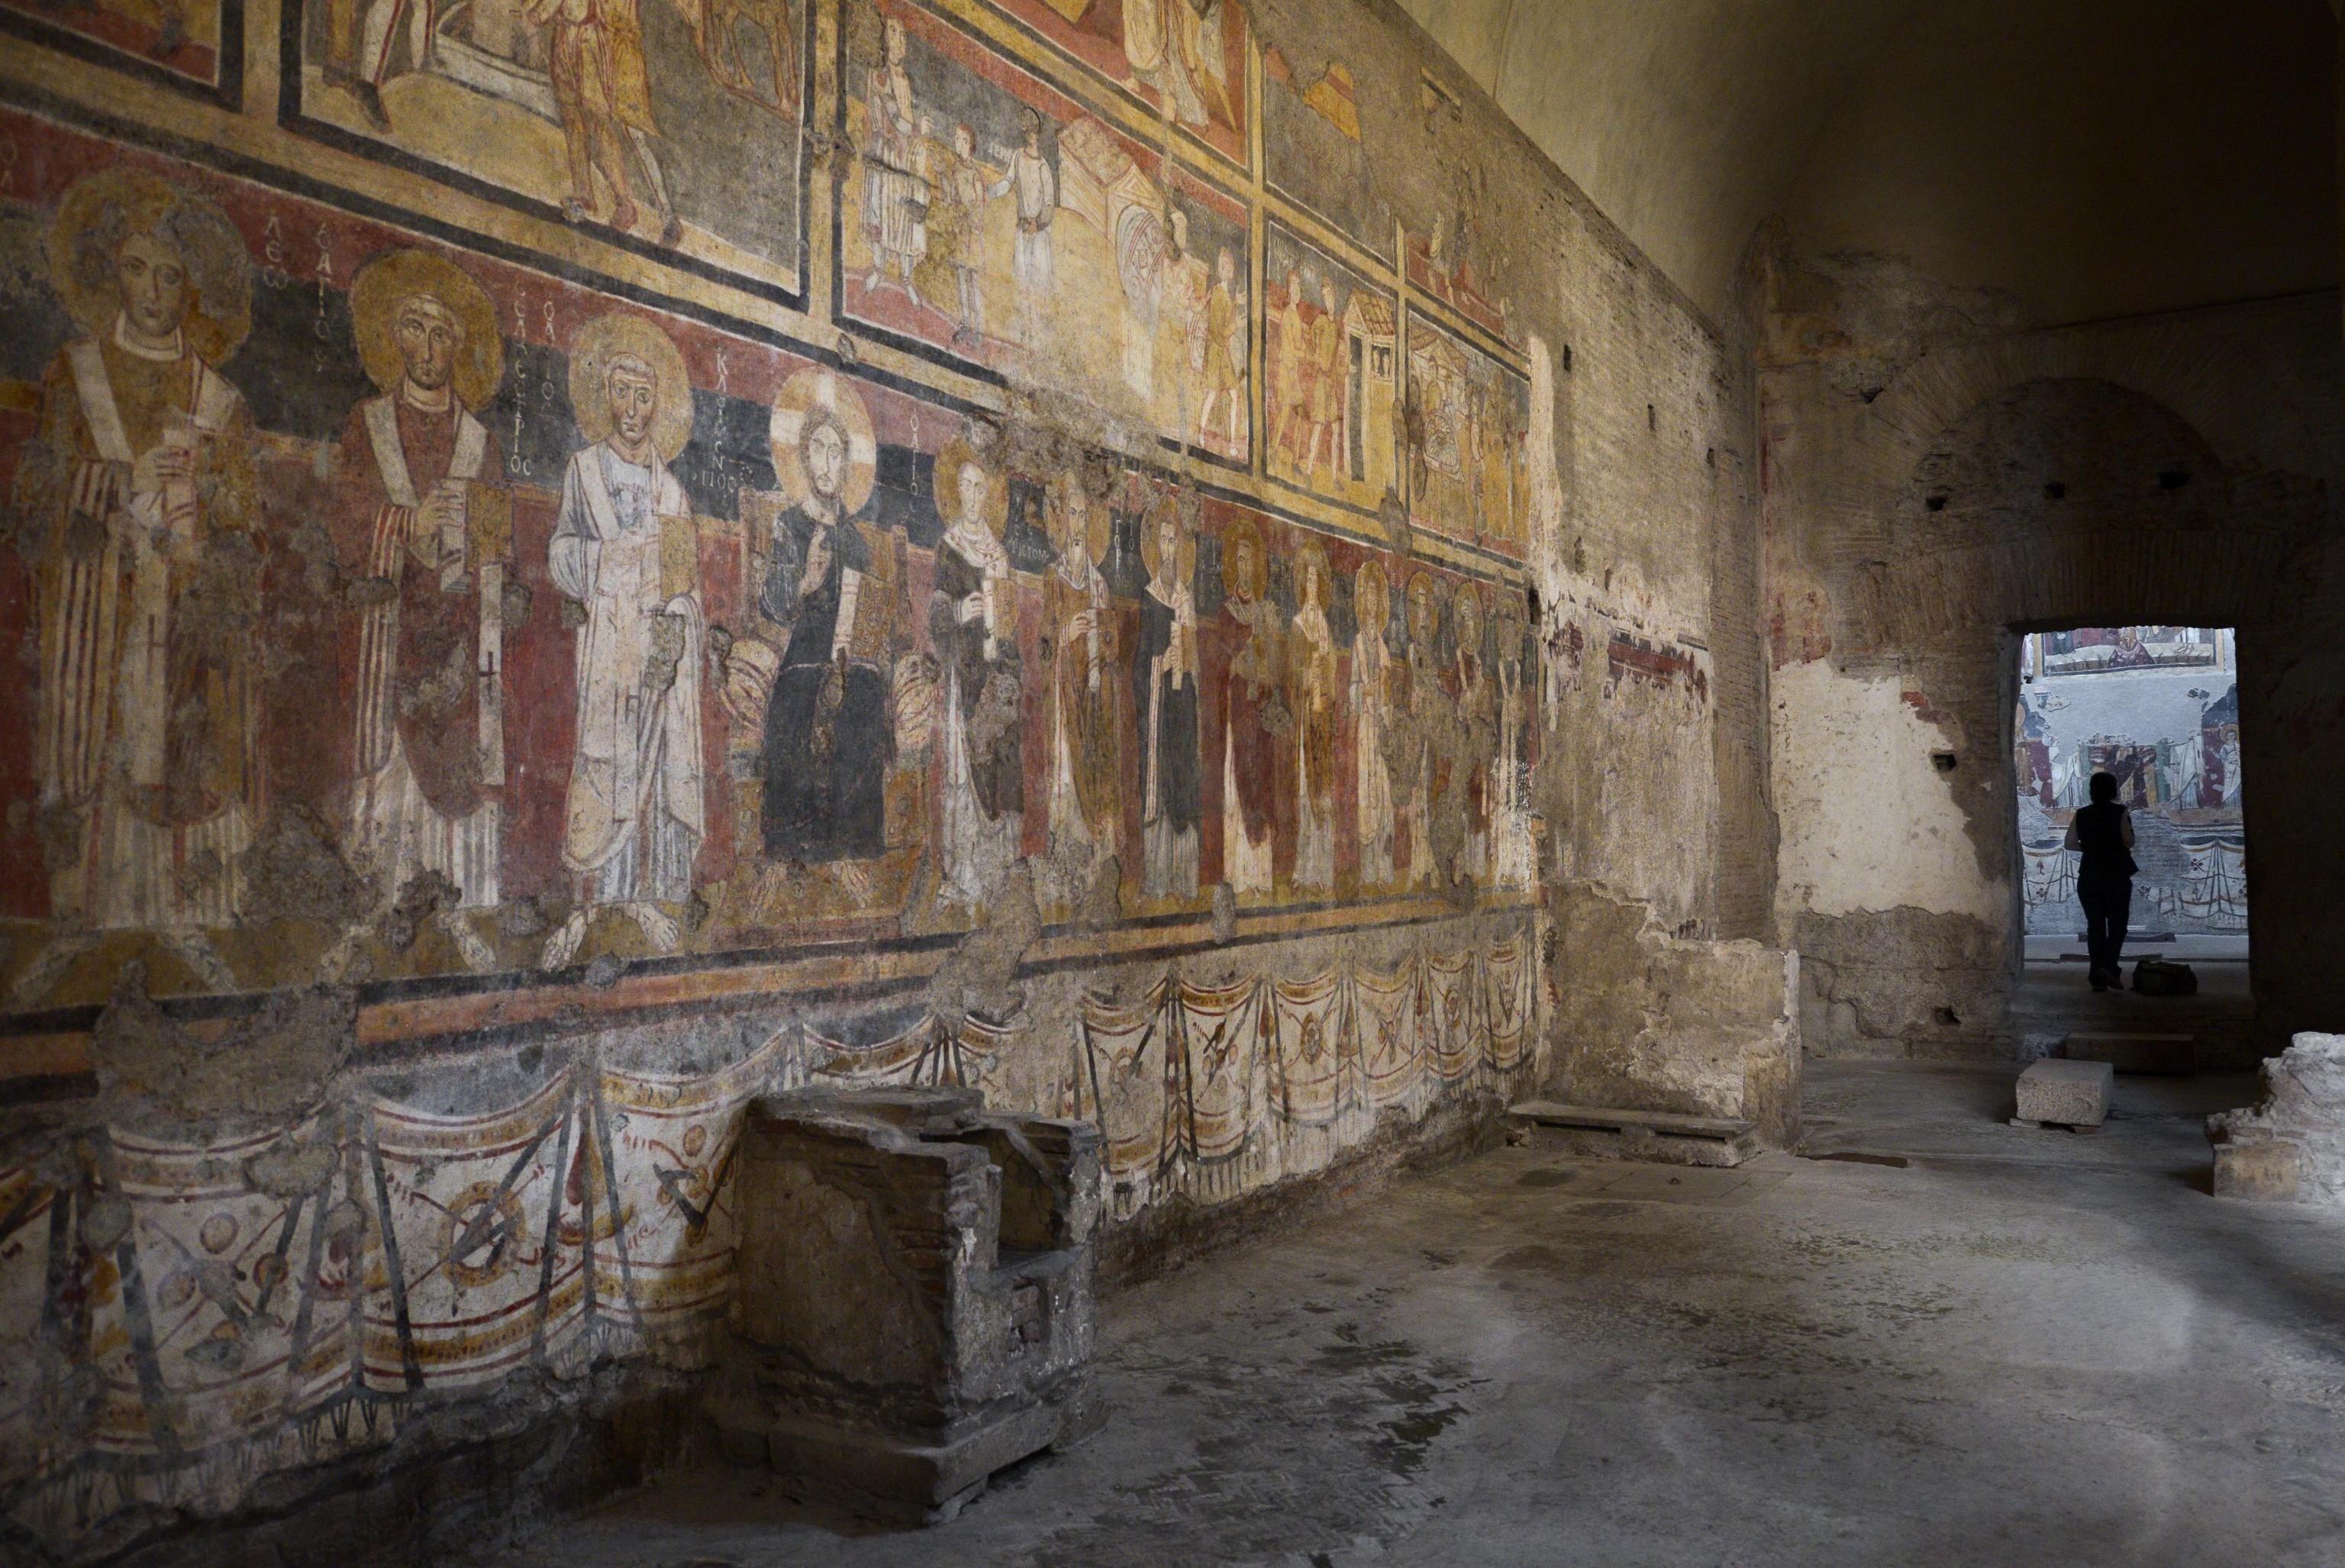 L'interno della chiesa di Santa Maria Antiqua al Foro Romano.